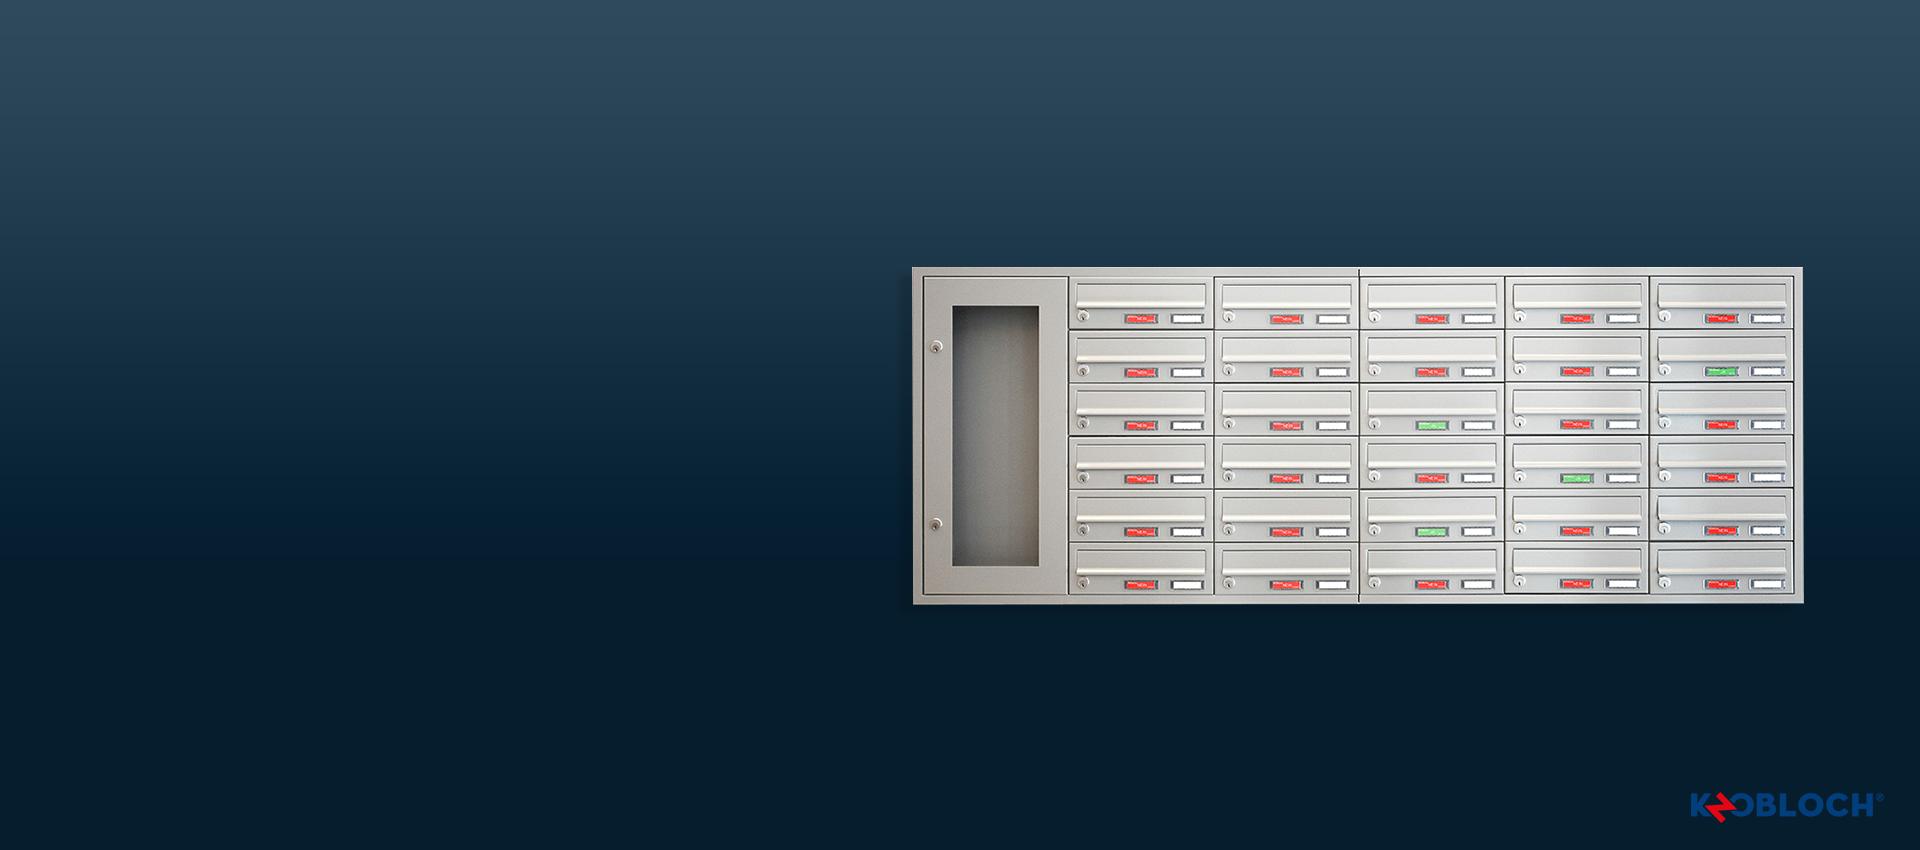 Letterbox Configuration Online